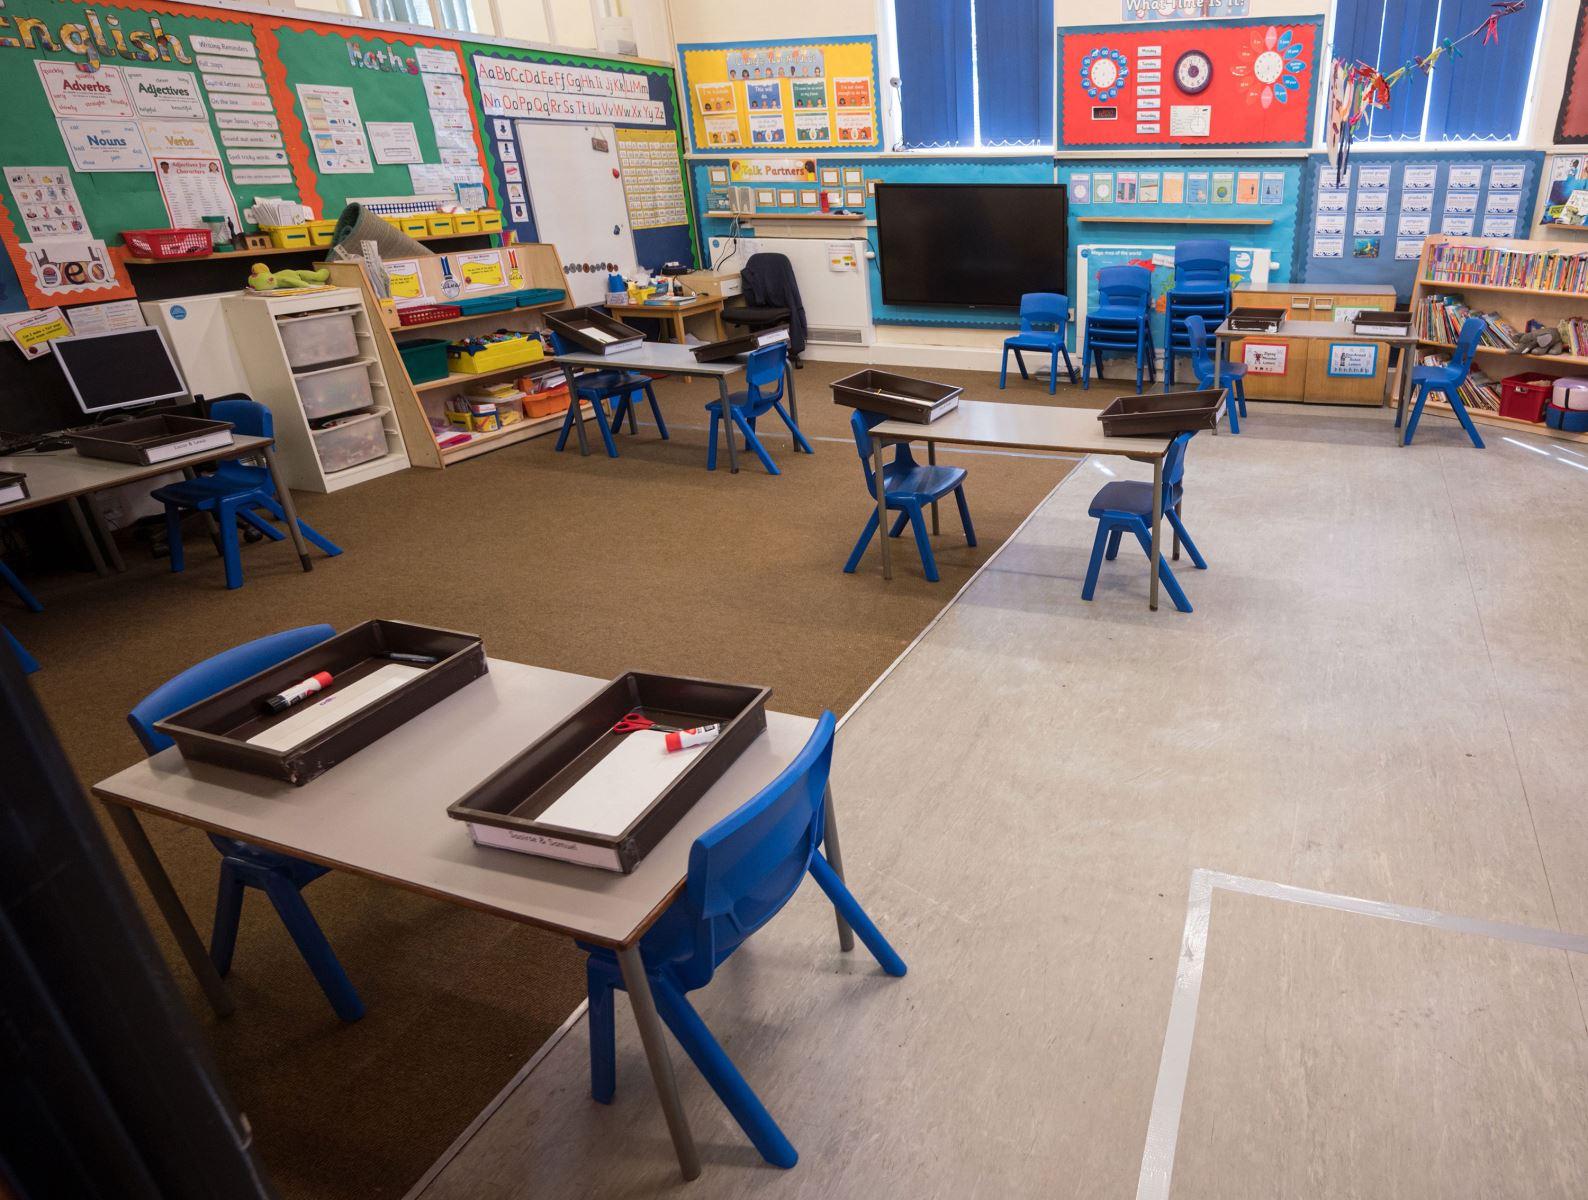 Bàn ghế tại một trường mầm non ở Mardsen, Anh đã được kê lại, đảm bảo giãn cách xã hội. Ảnh: AFP/Getty Images.